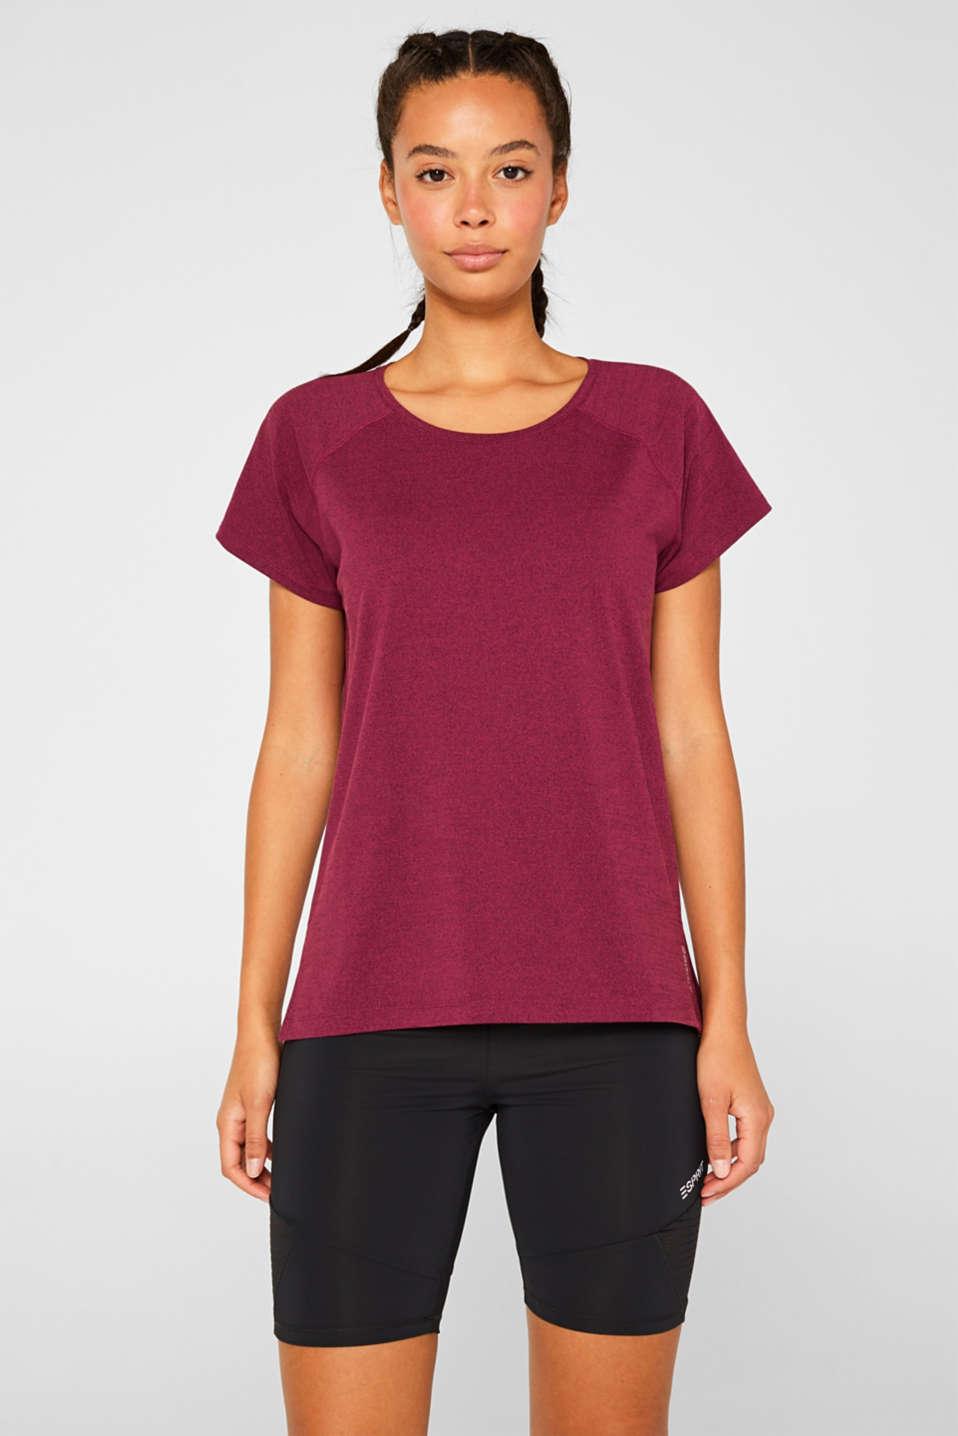 Melange active T-shirt, E-DRY, DARK PINK 2, detail image number 0